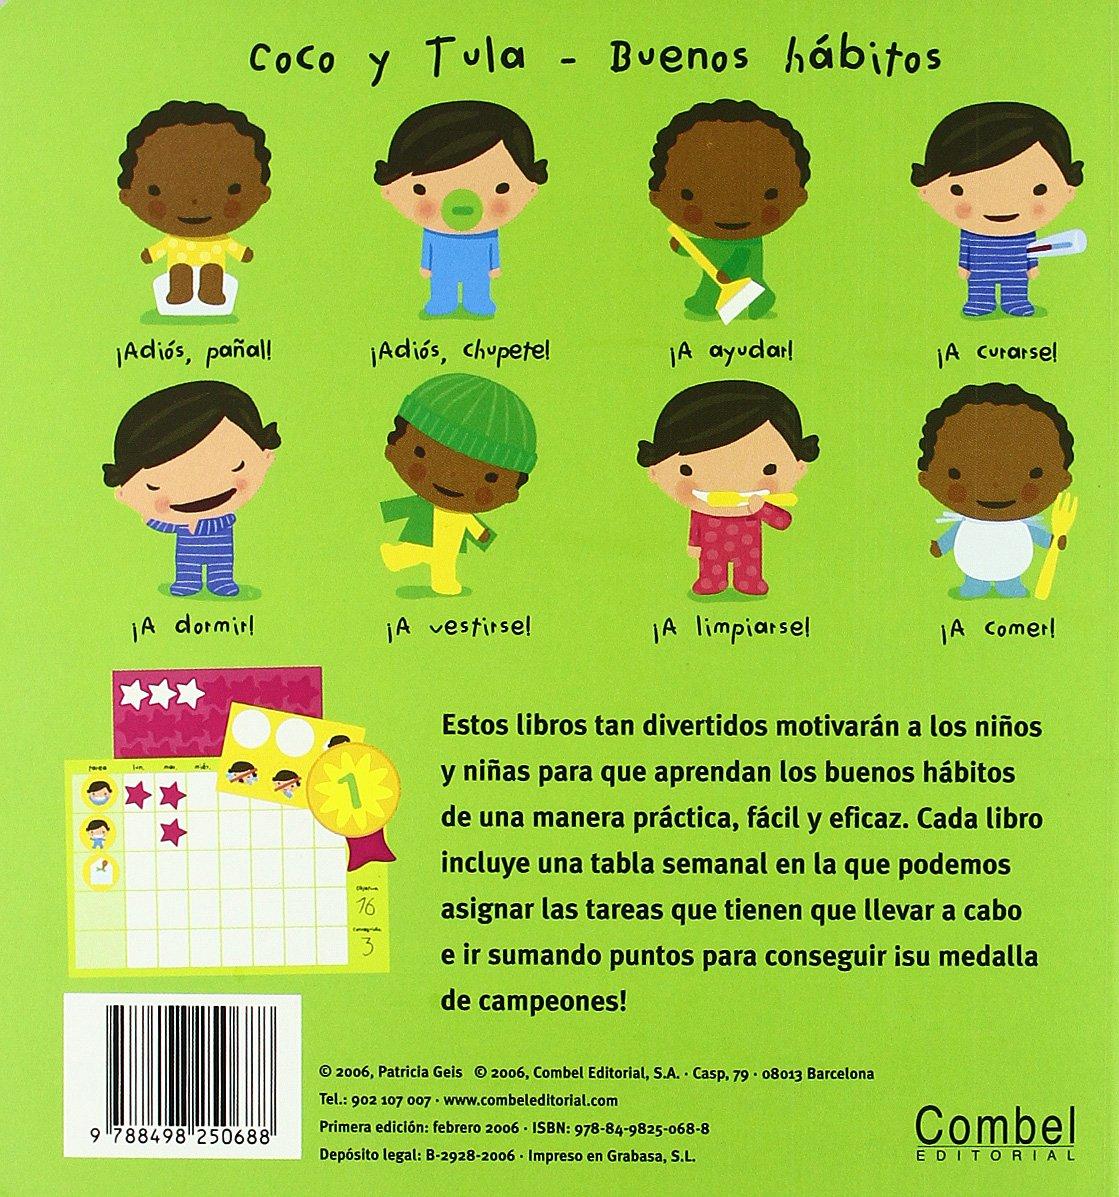 Adiós, chupete! (Buenos hábitos) (Spanish Edition): Patricia ...